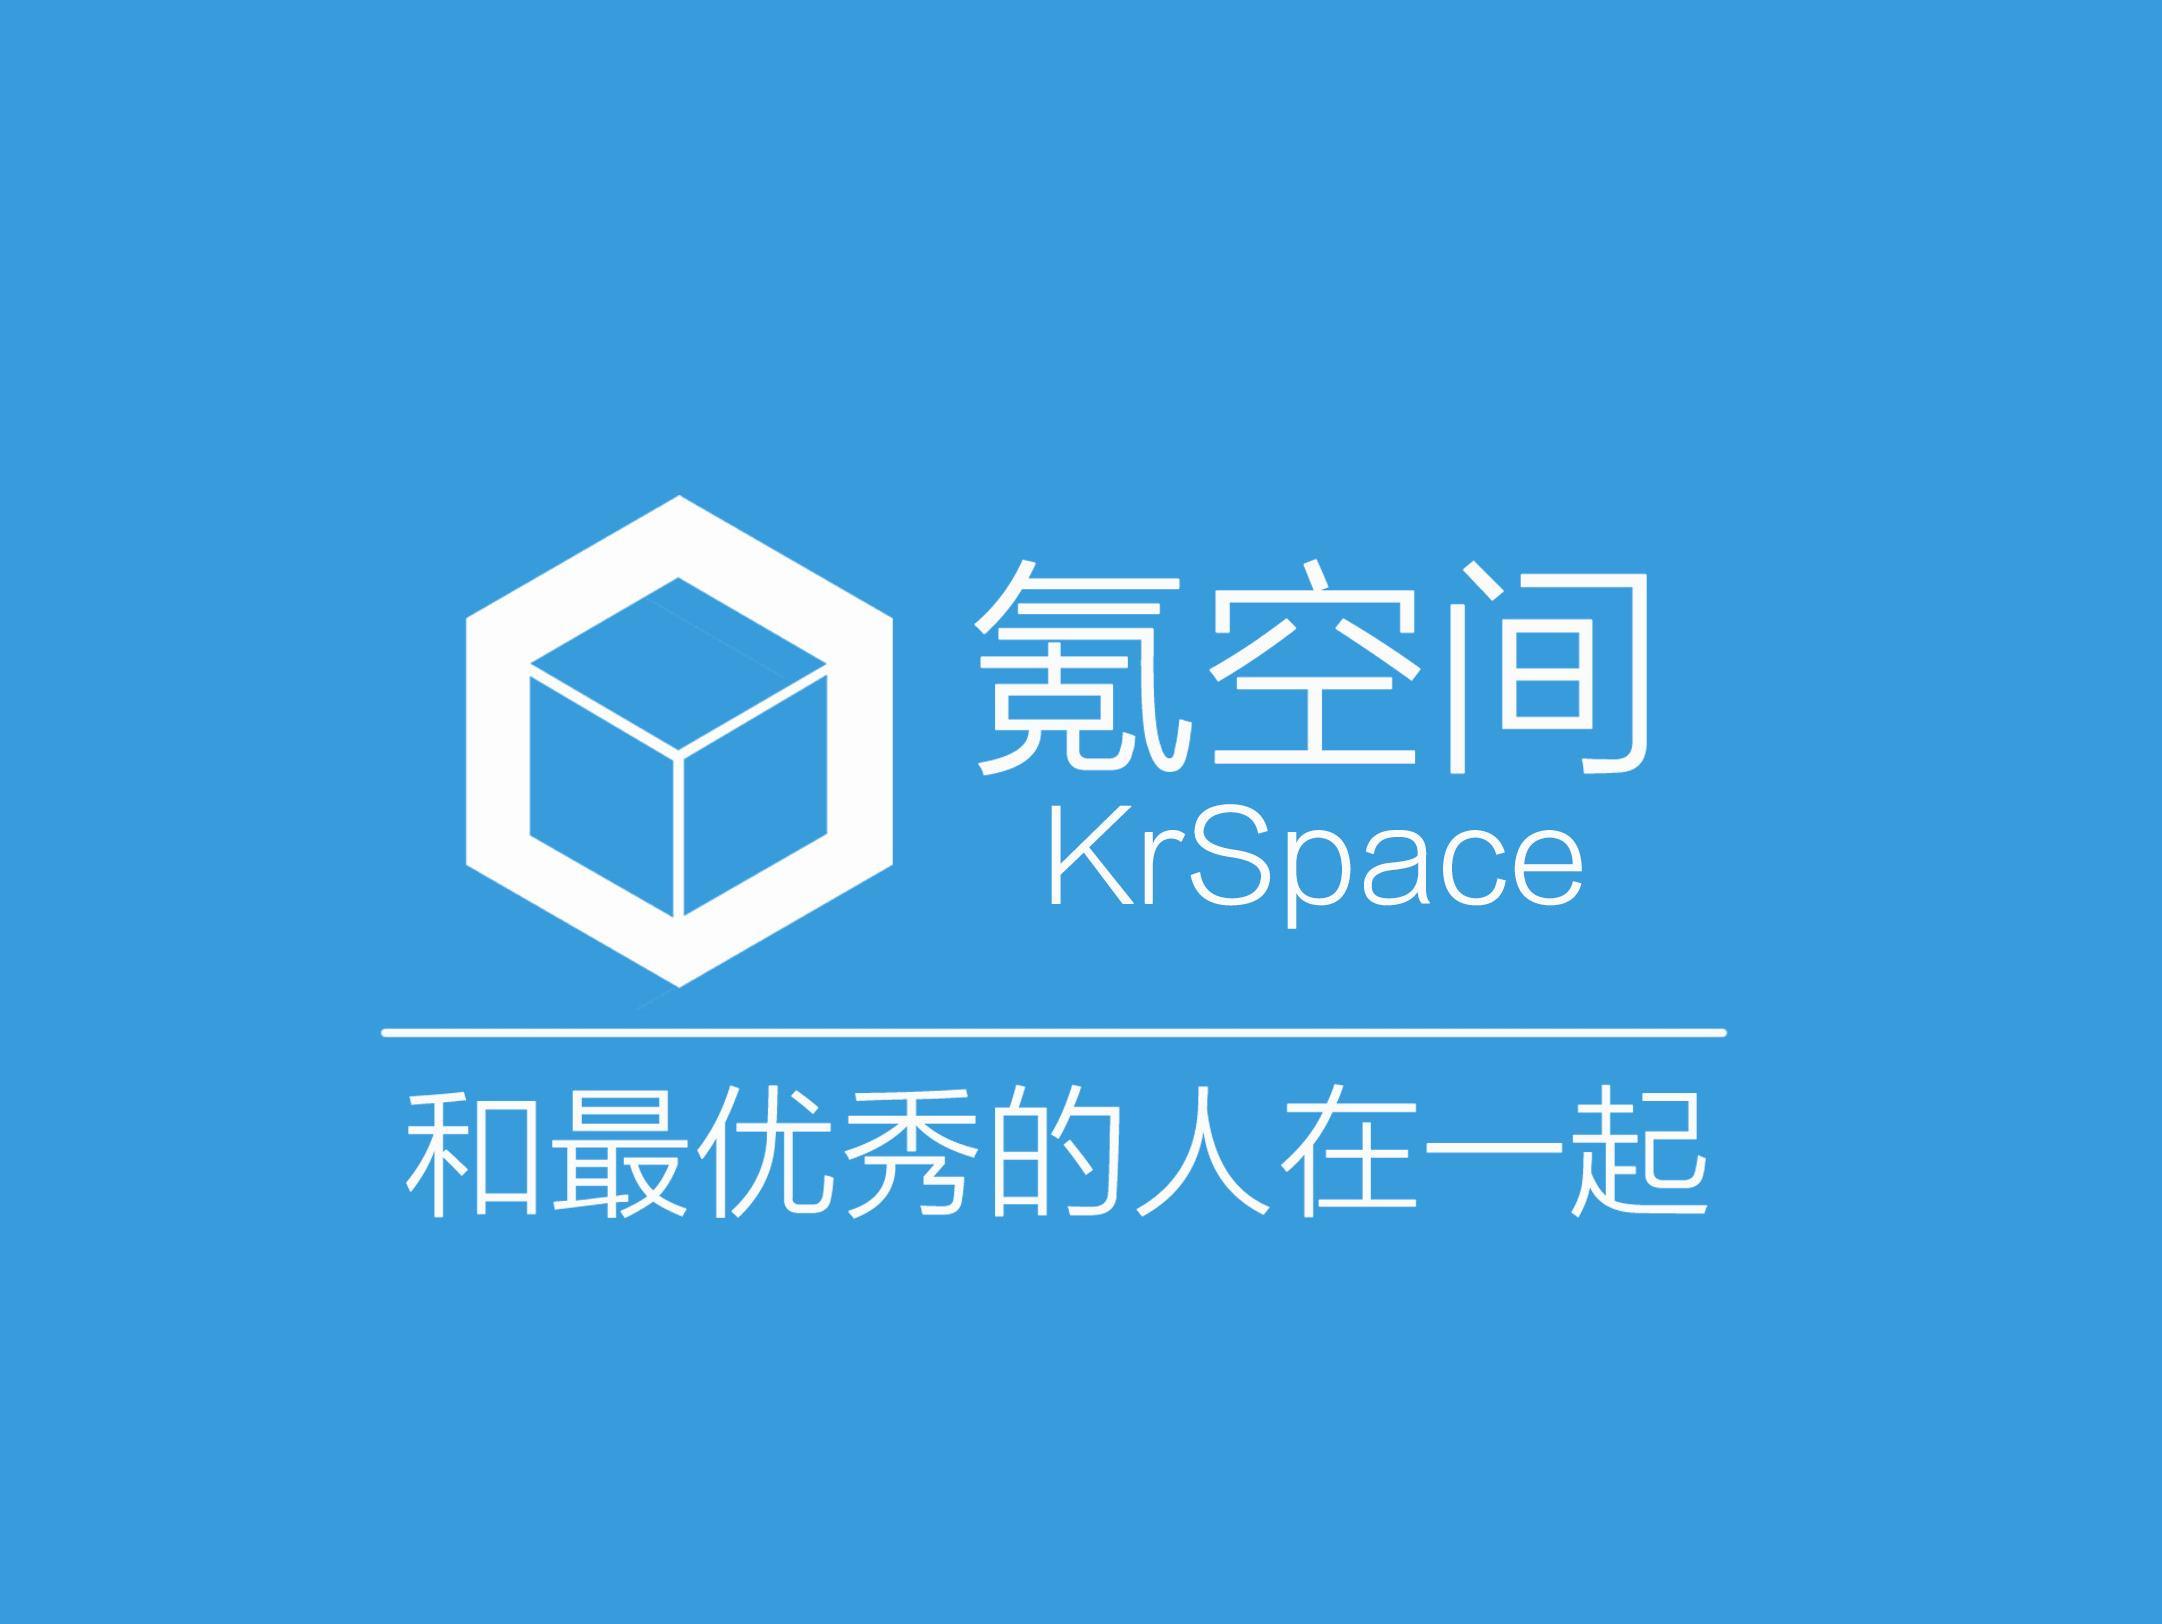 氪空间(Krspace)